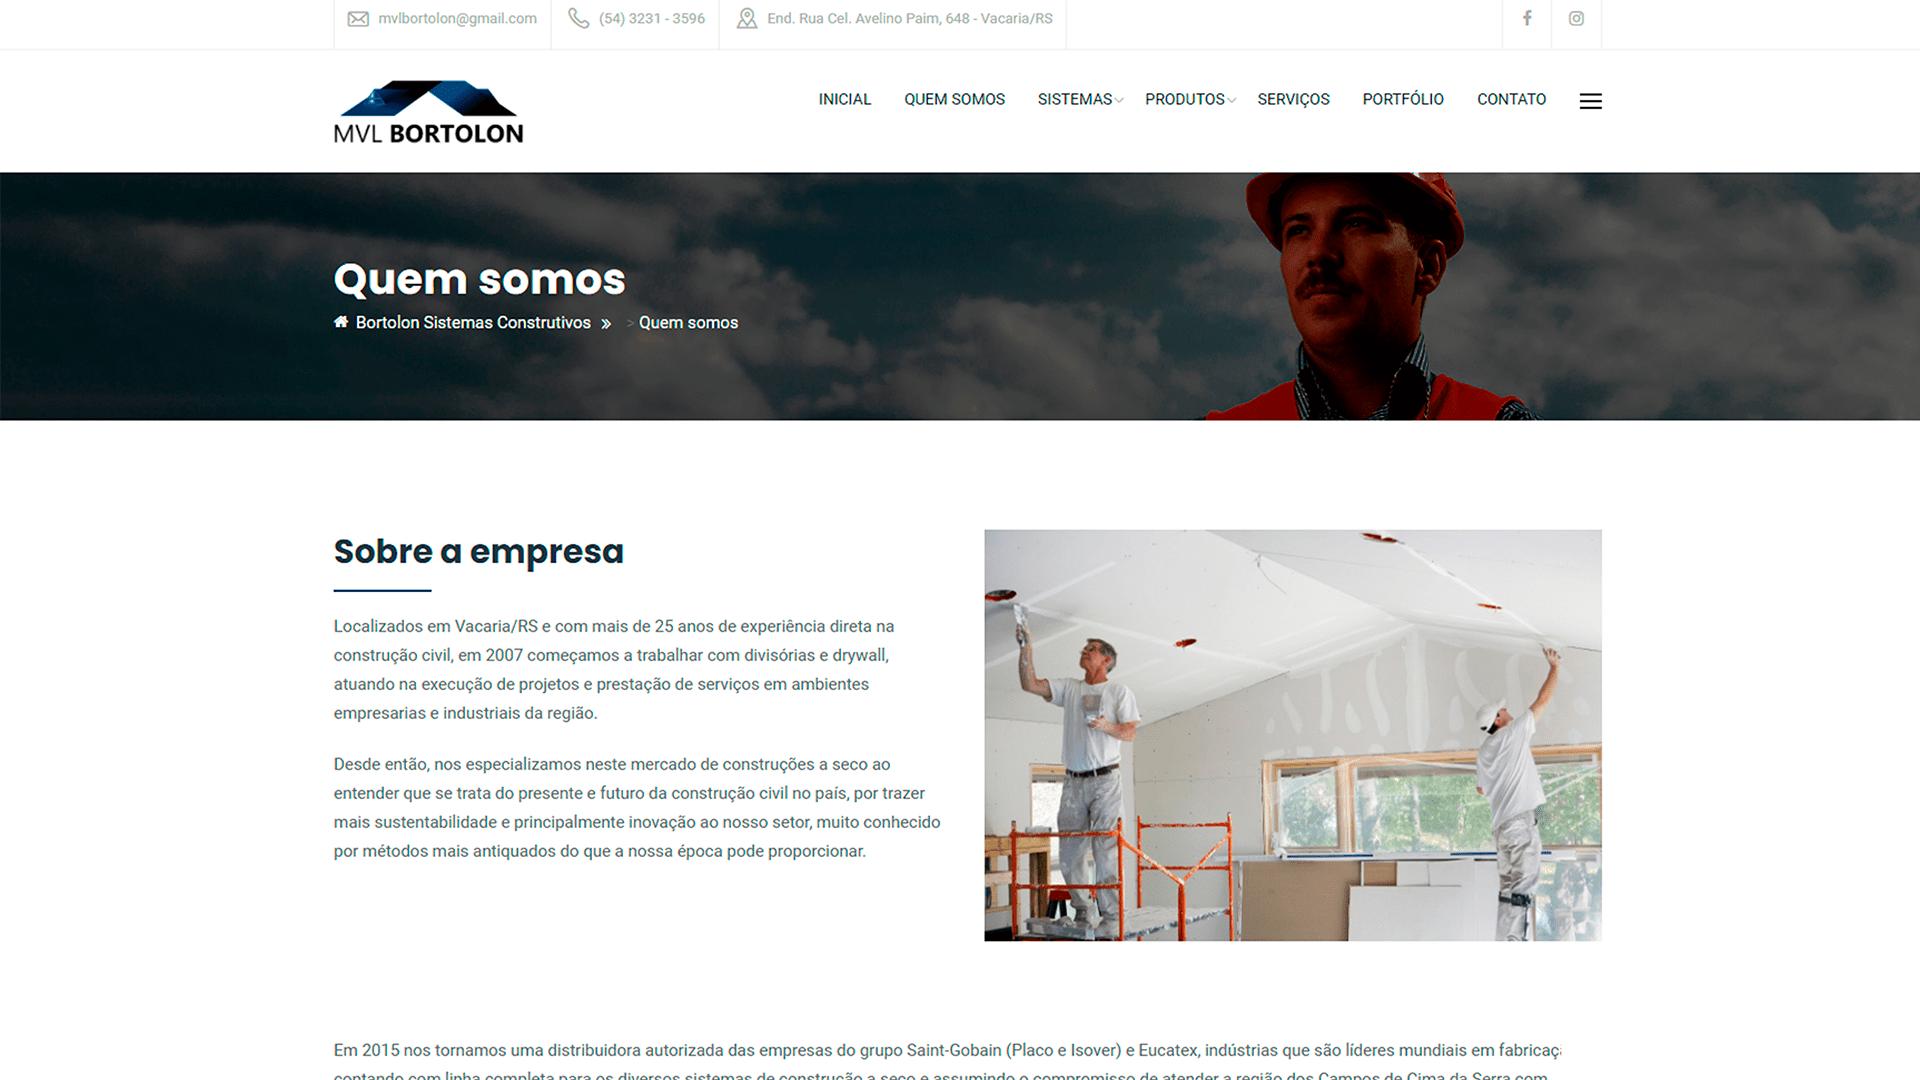 https://www.6i.com.br/case/mvl-bortolon/